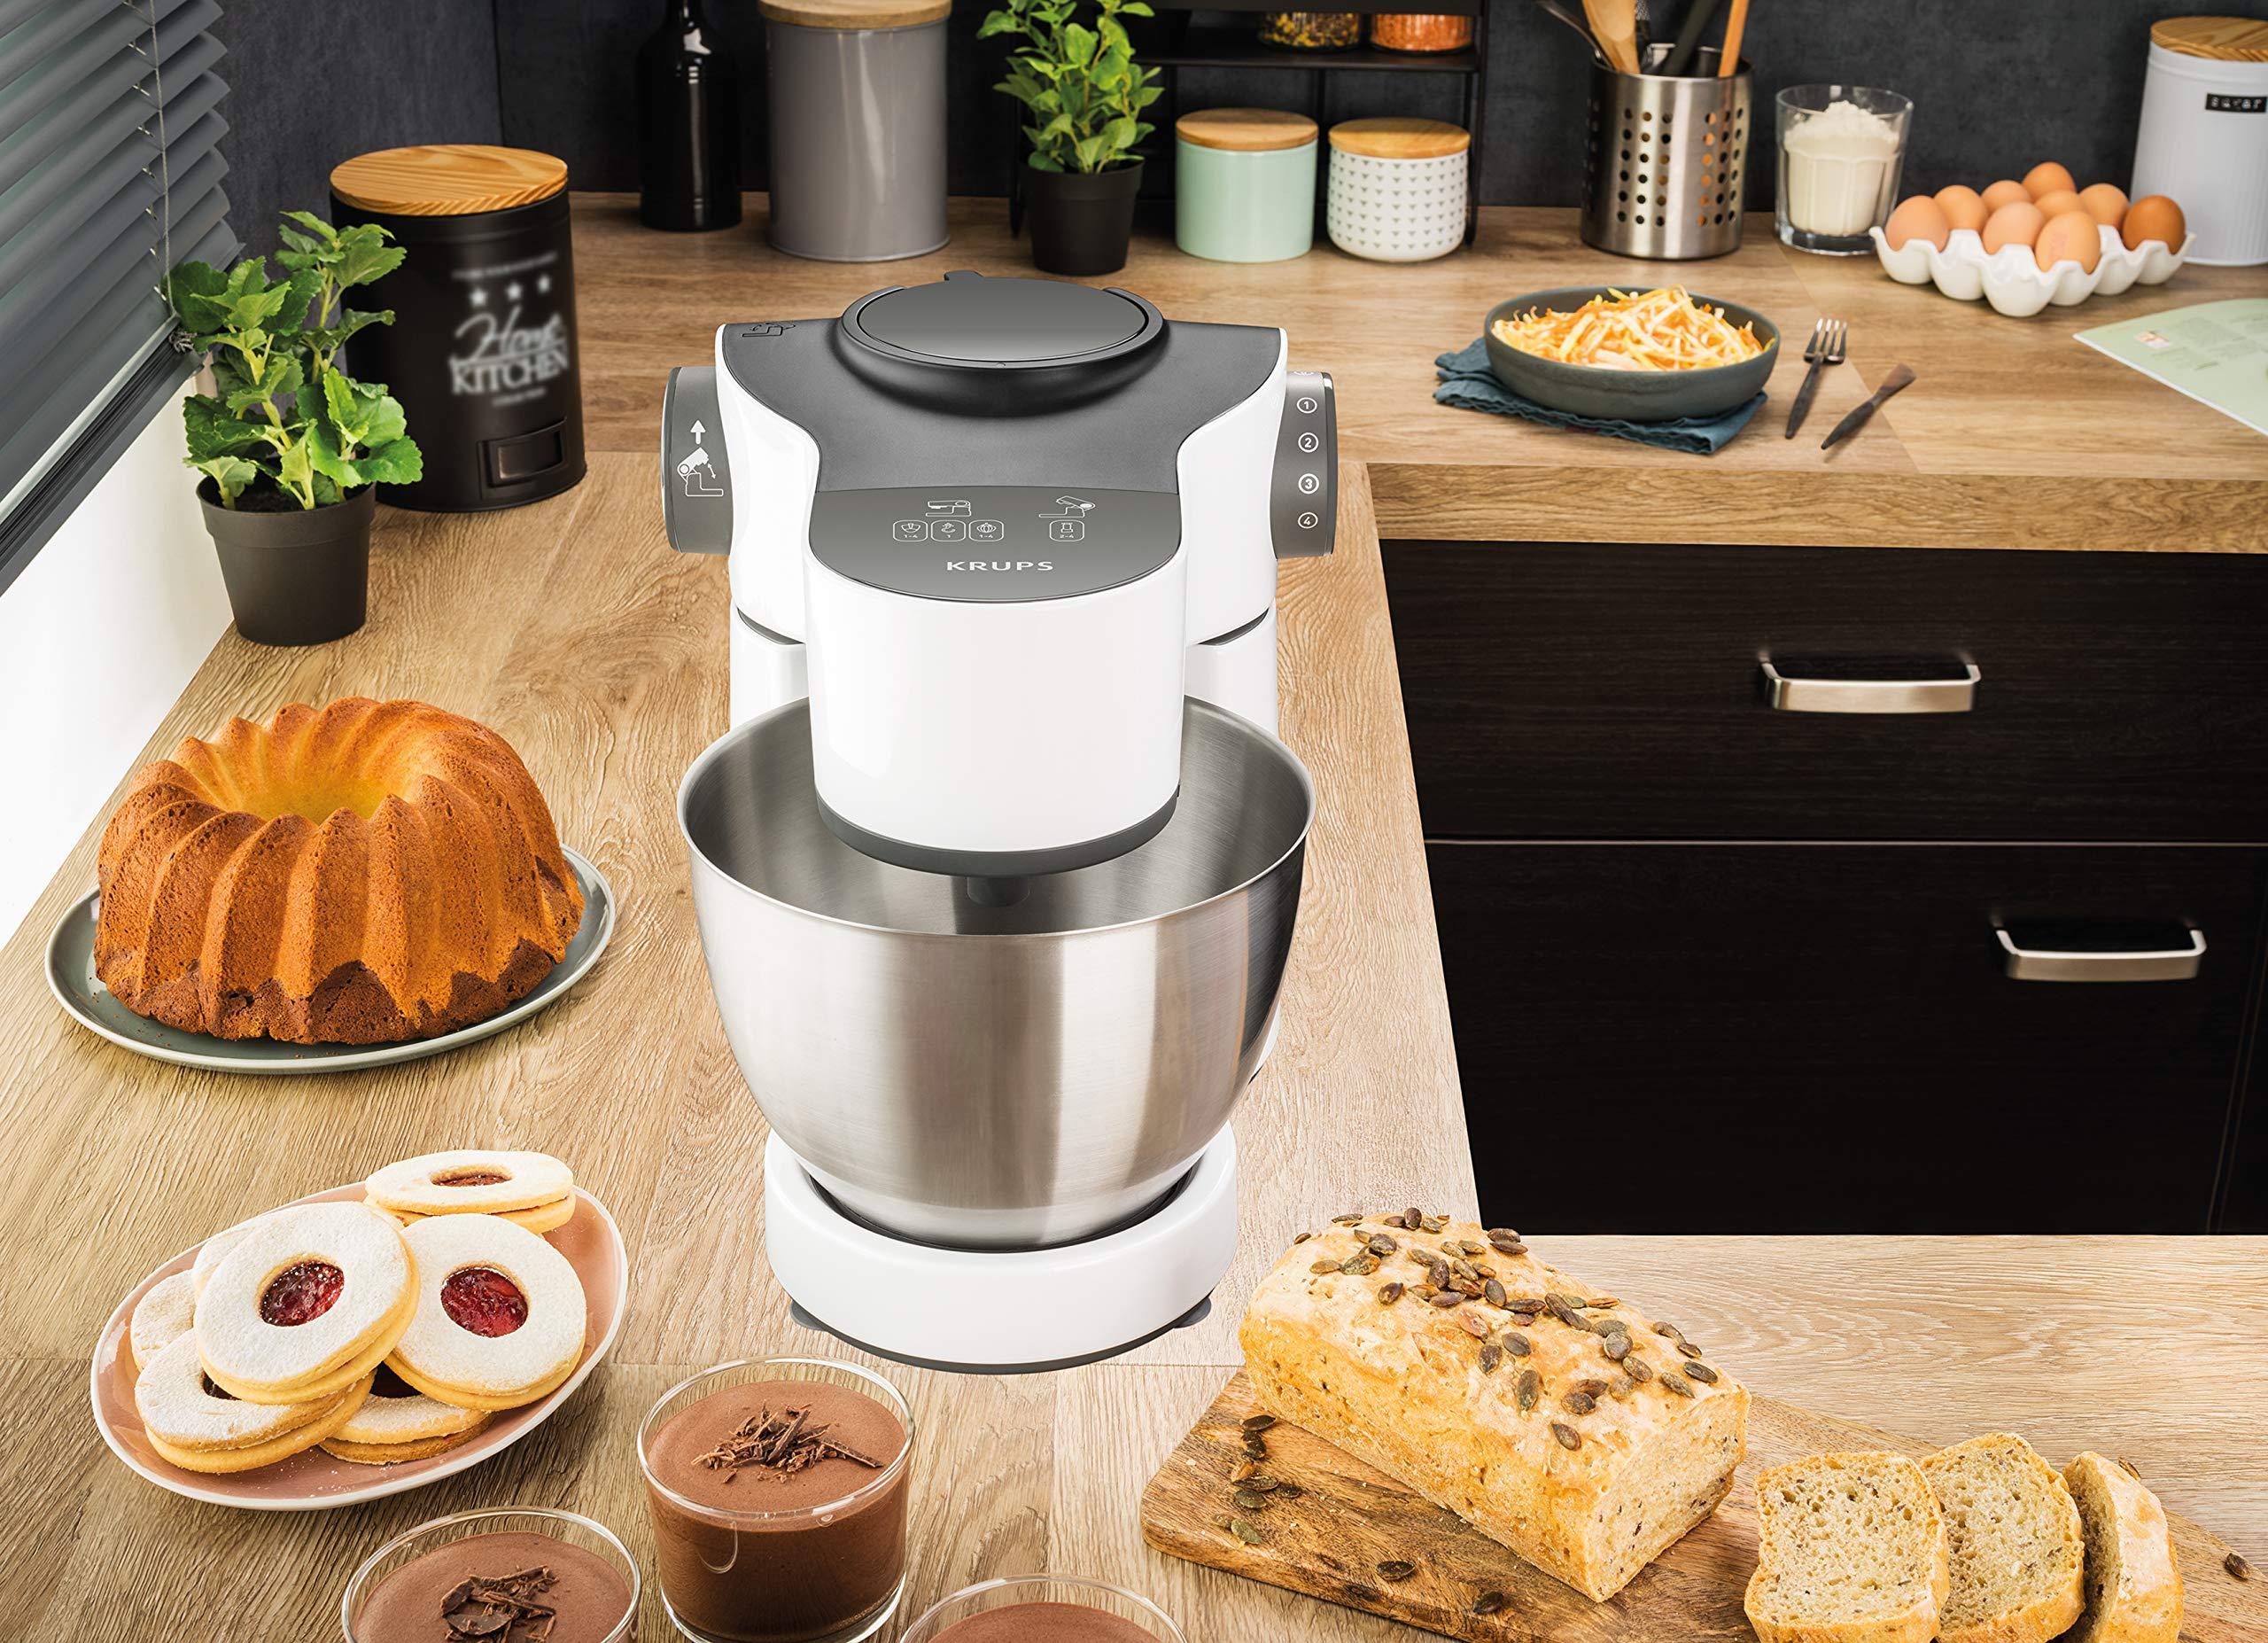 Küchenmaschine Mit Schnitzelwerk 2021